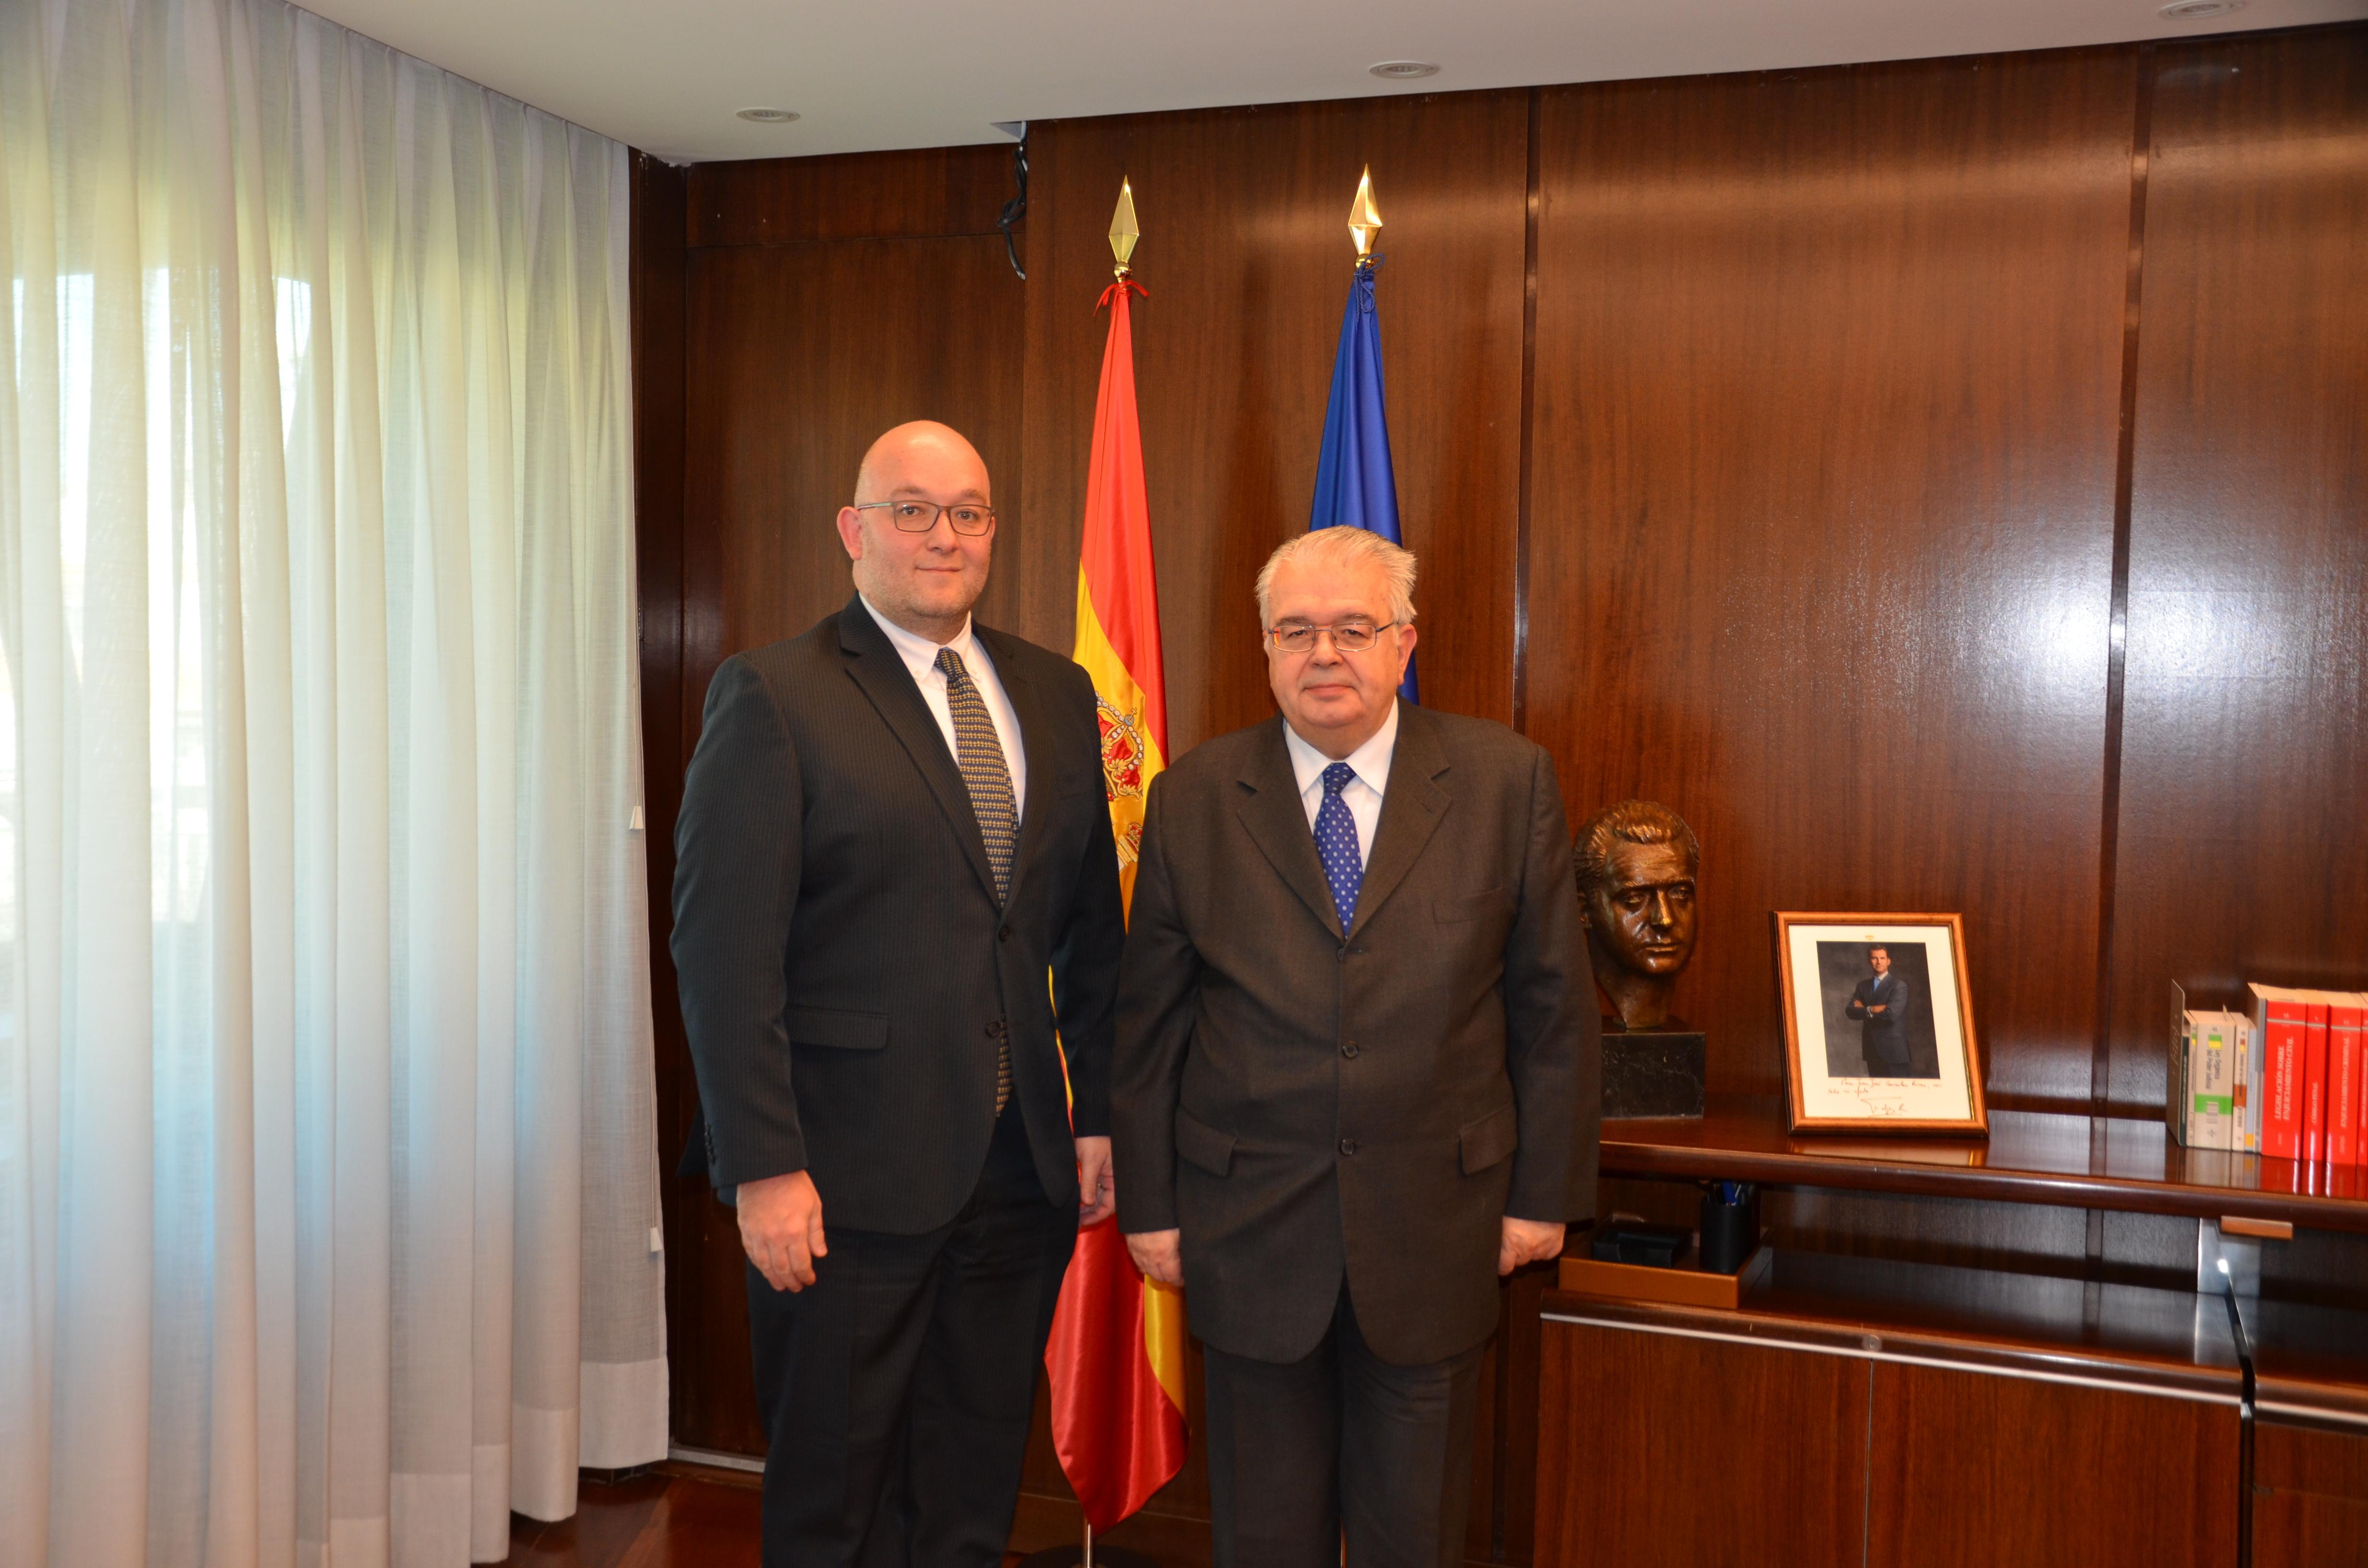 Secretario de esta Magistratura inicia visita de trabajo en el Tribunal Constitucional de España